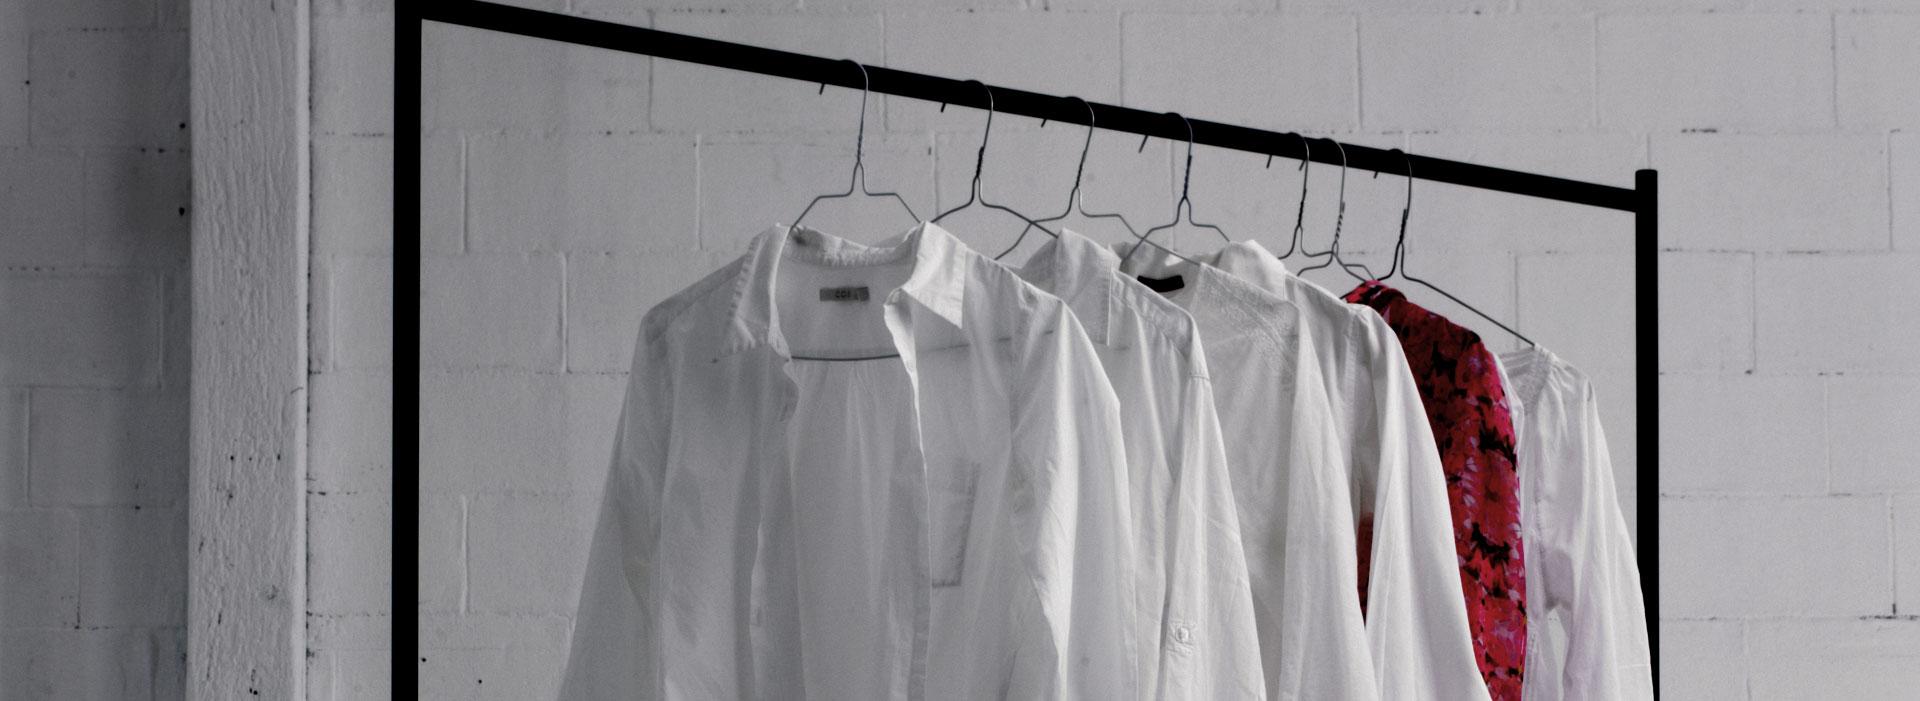 Haal de bezem door je garderobe